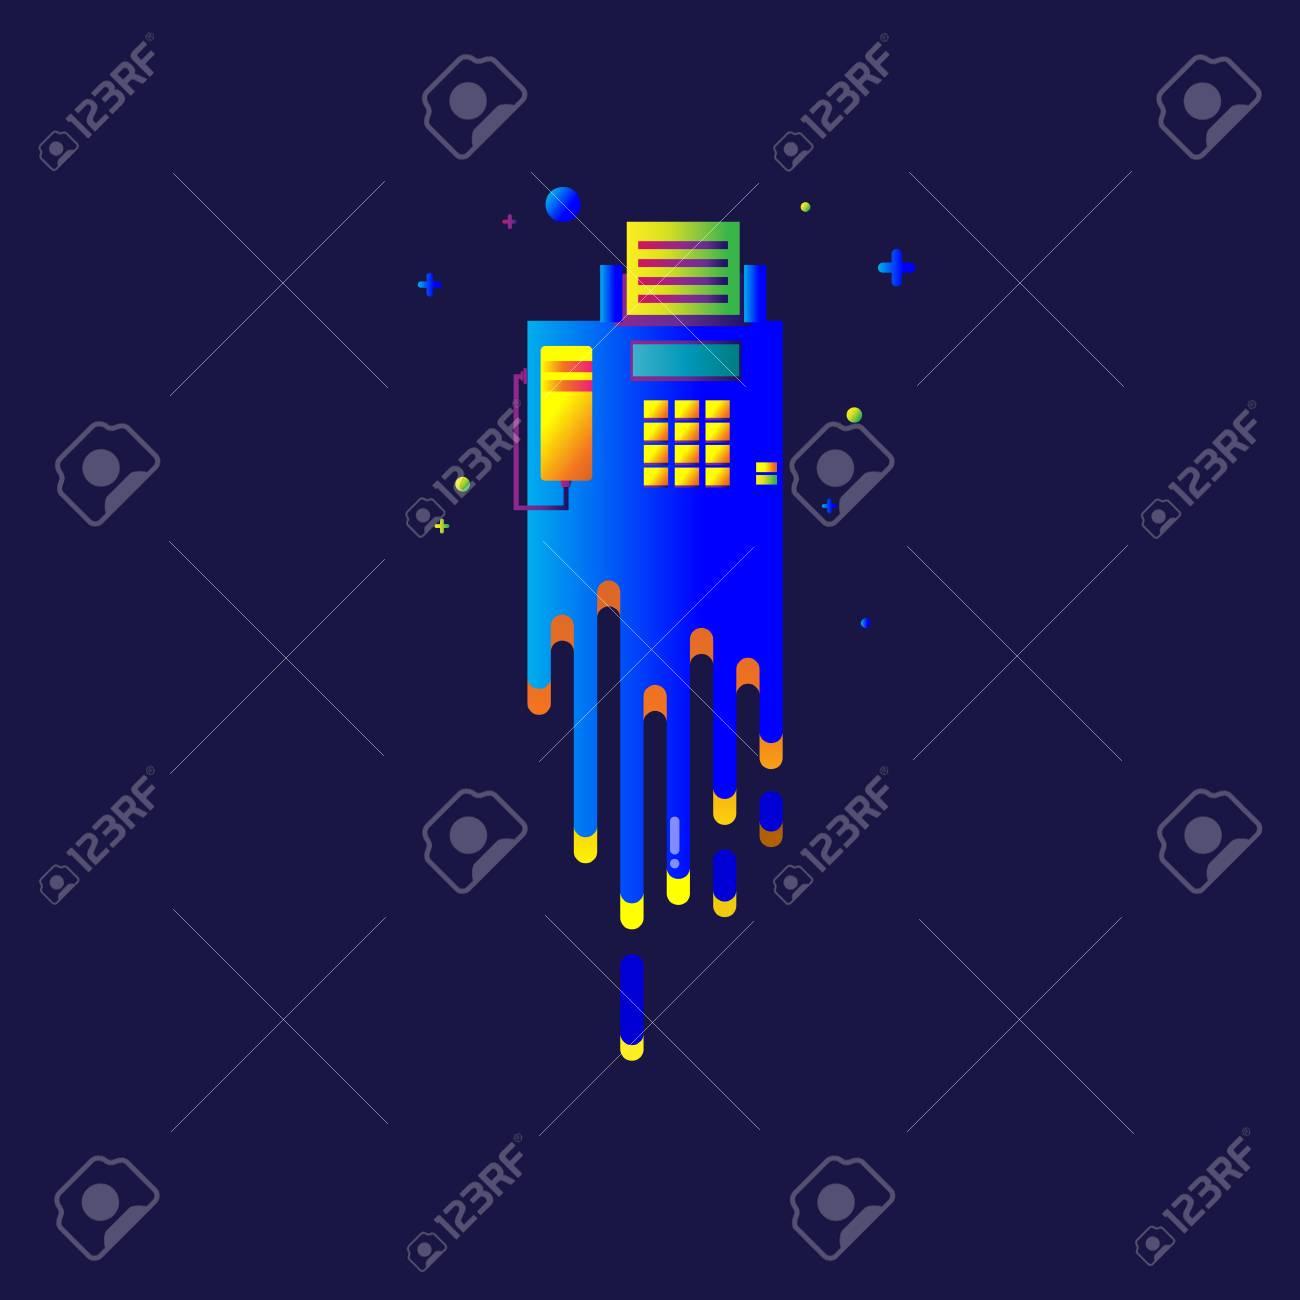 Vettoriale Icona Telefono Arcobaleno Bella Luce Colorata